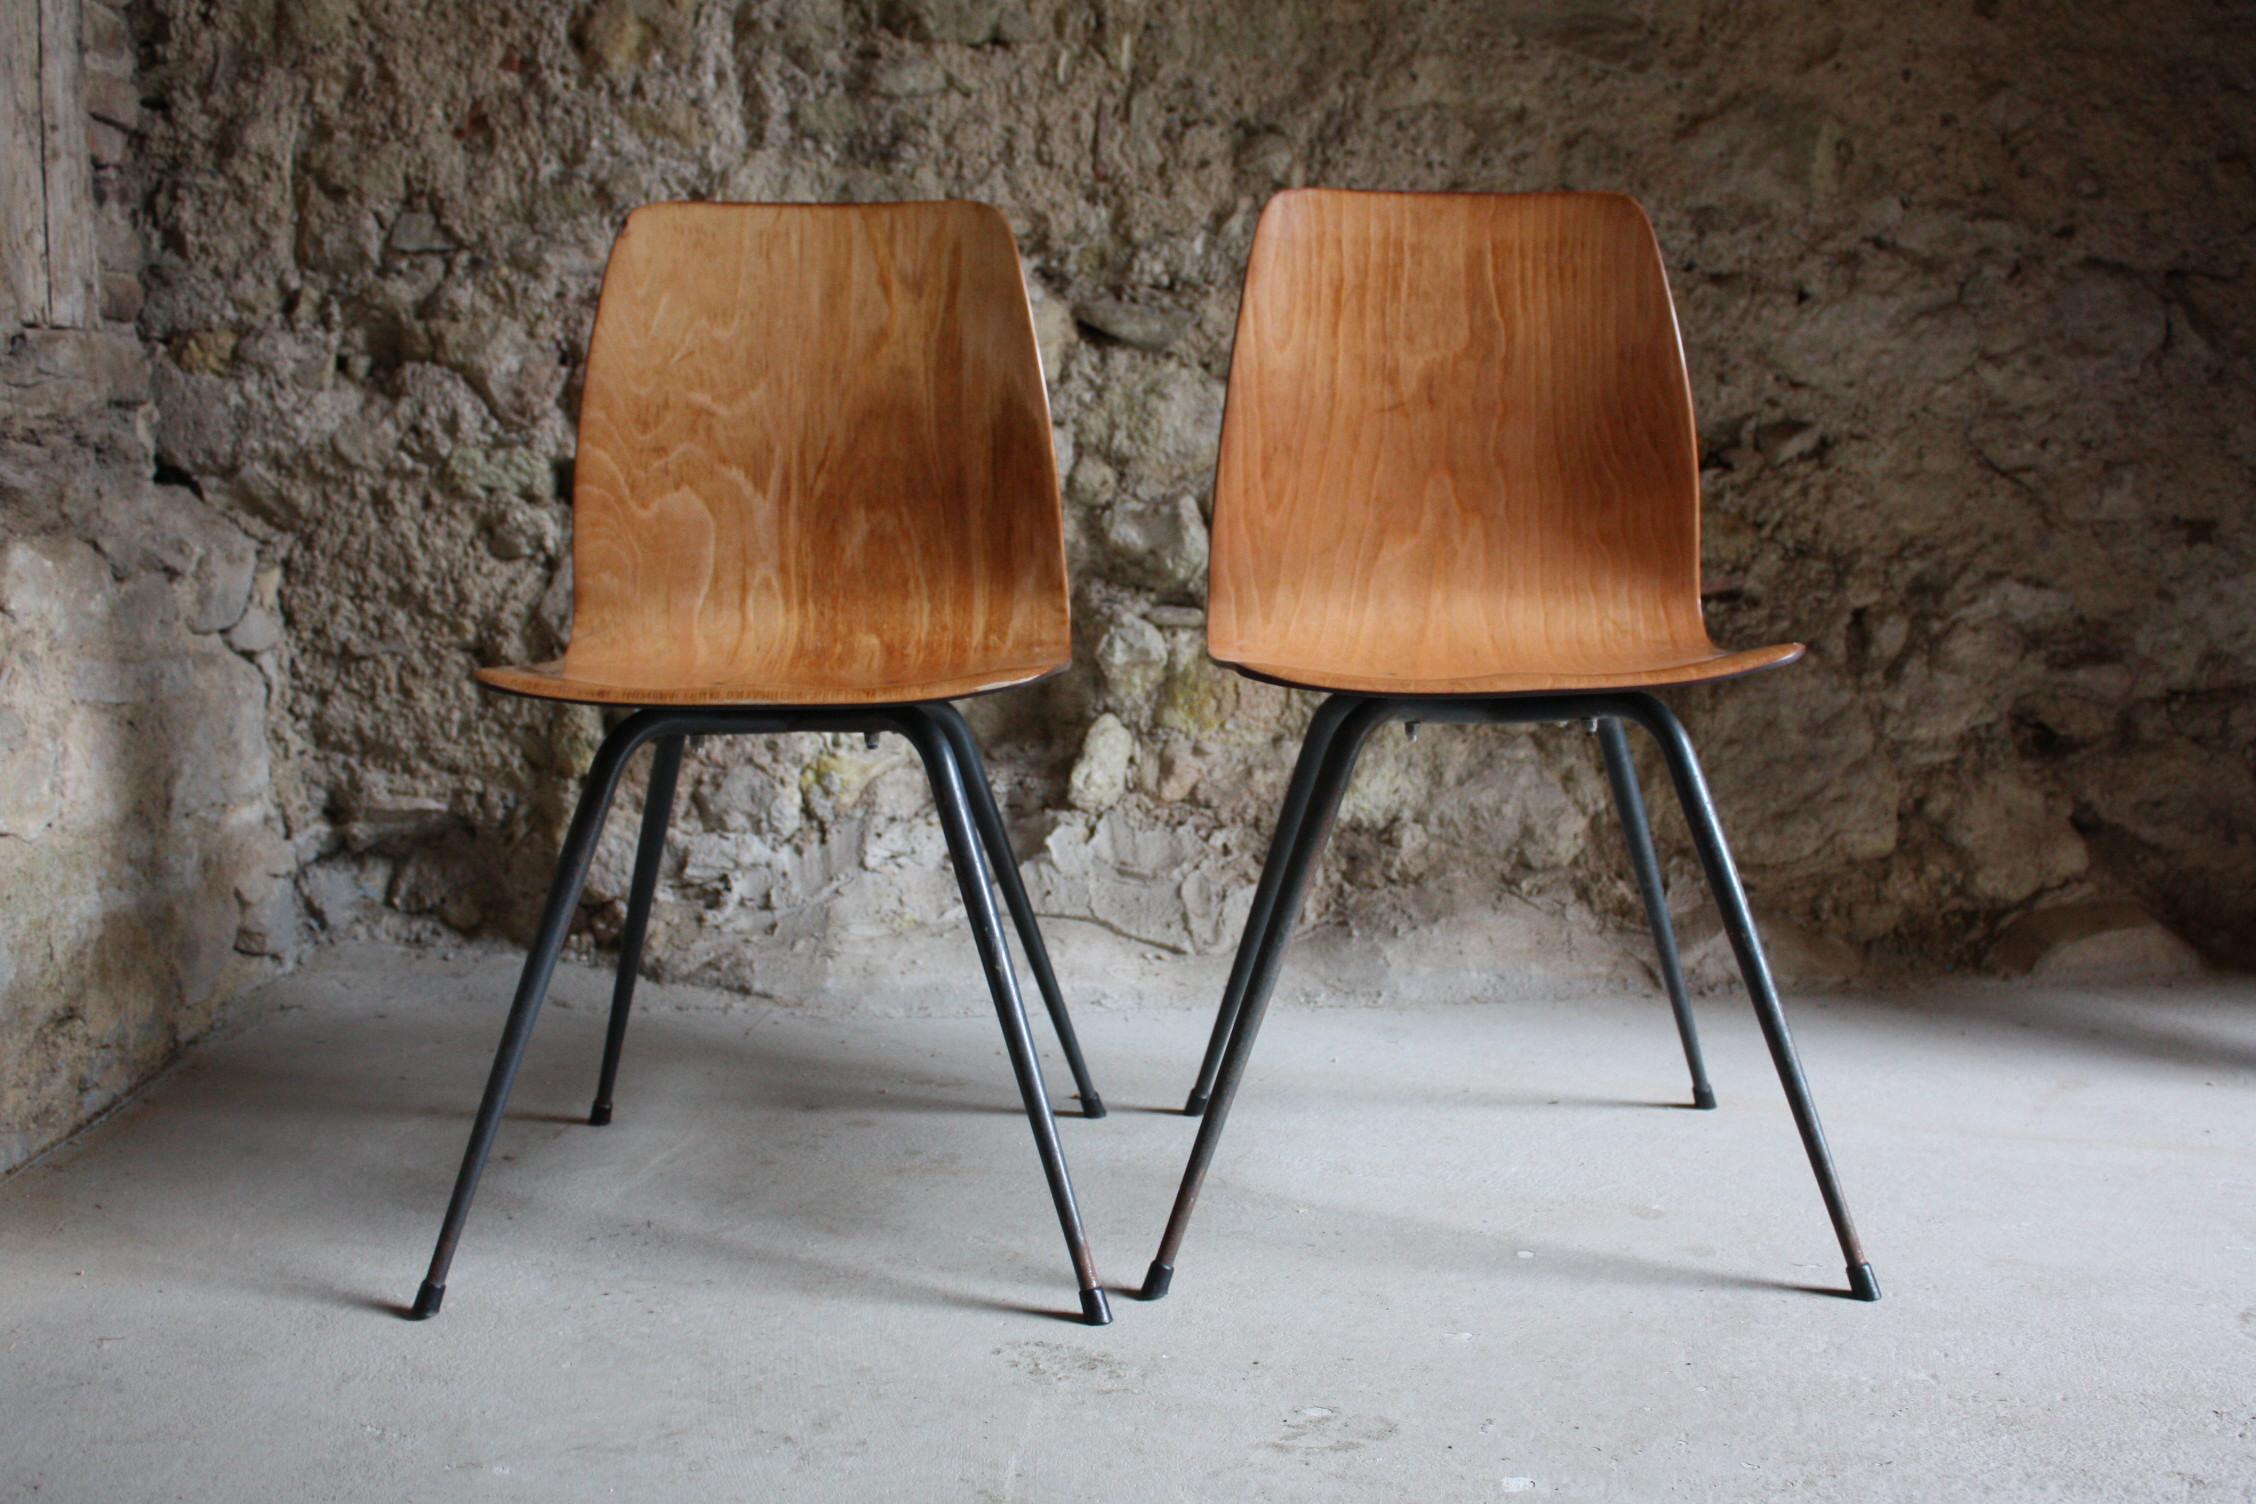 stuhl modern stuhl modern 7 deutsche dekor 2017 online kaufen stuhl modern wei deutsche dekor. Black Bedroom Furniture Sets. Home Design Ideas